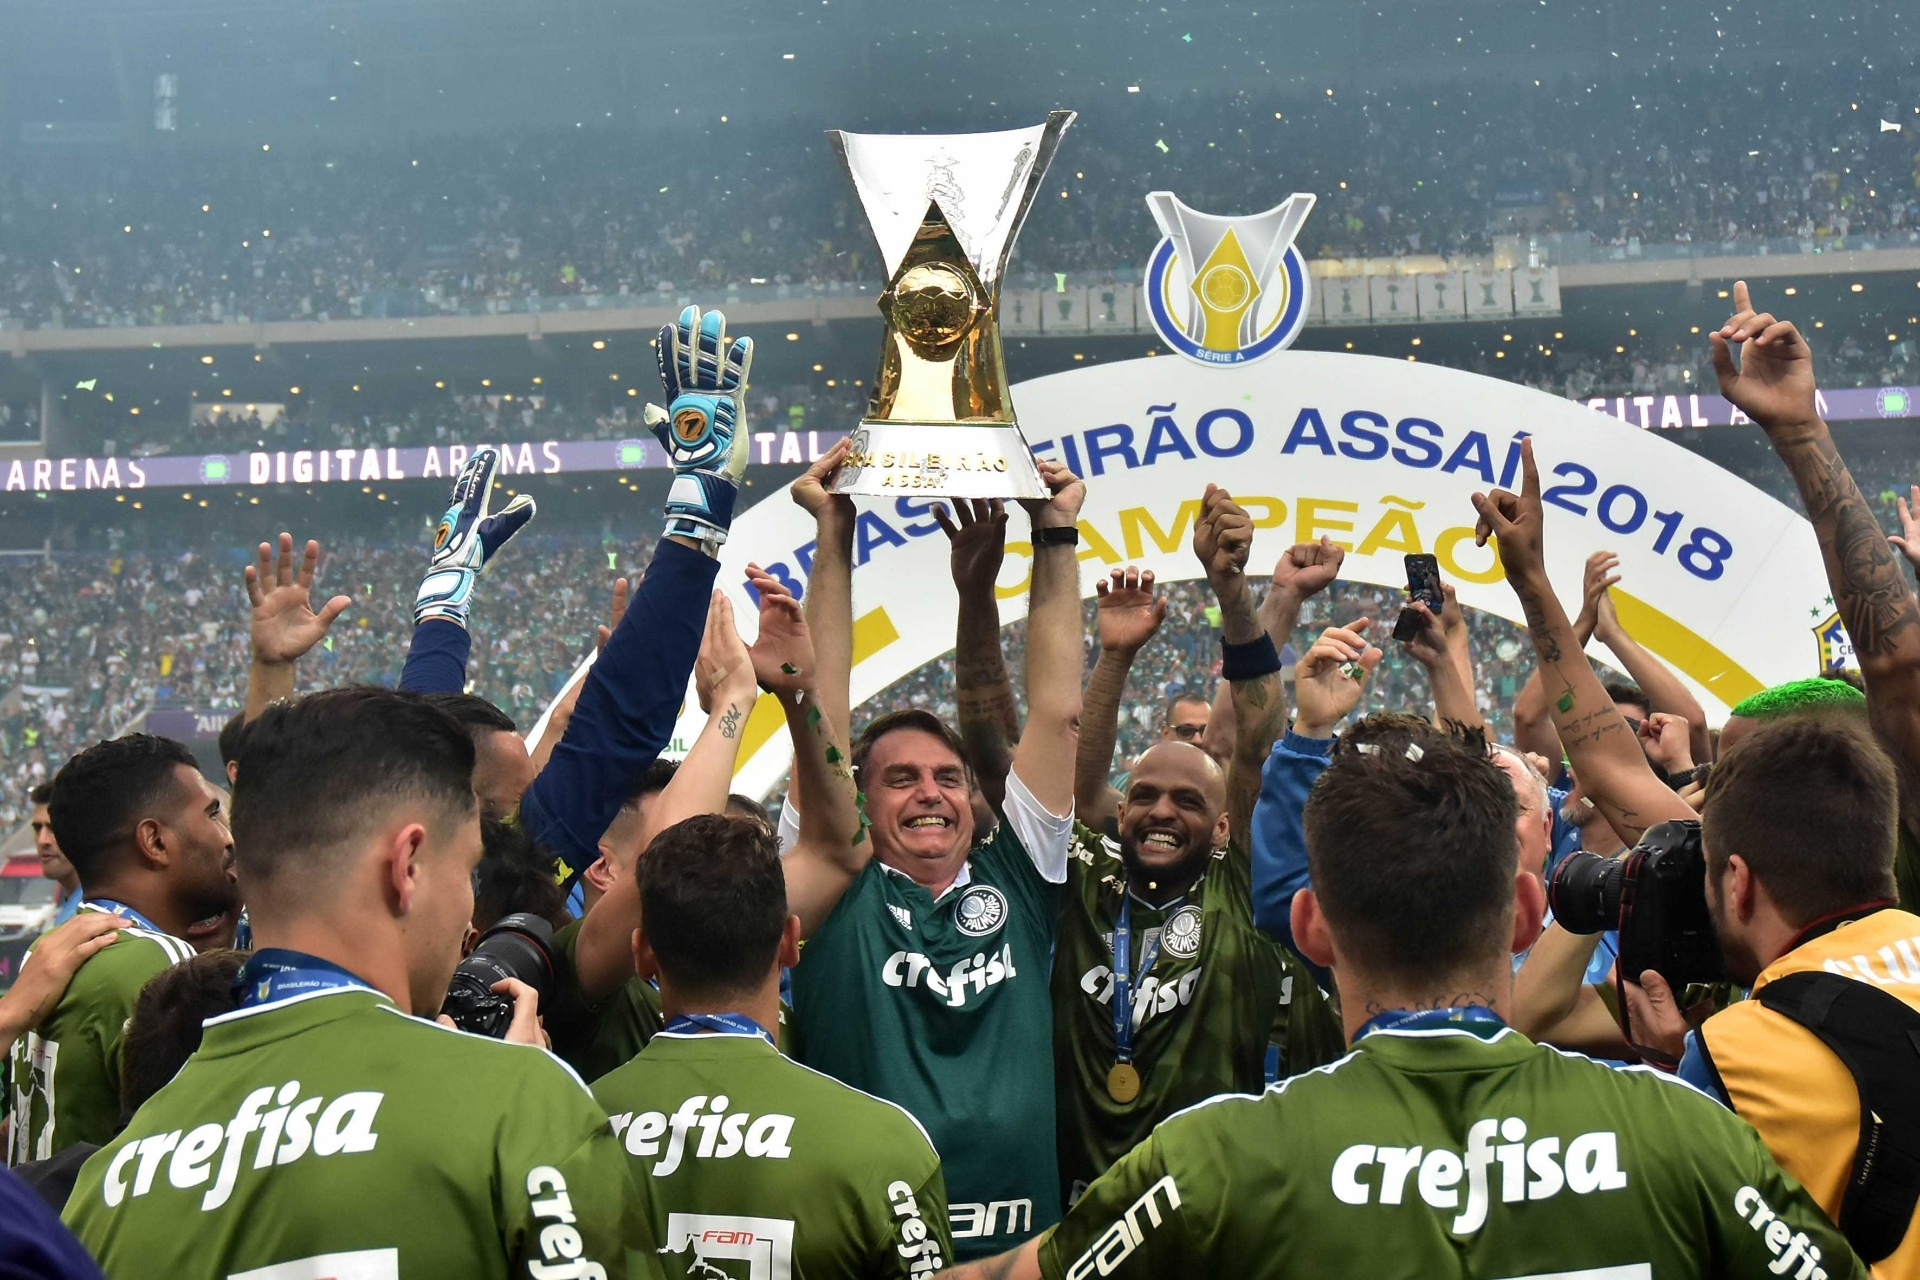 Palmeiras levanta taça de campeão em cerimônia com Bolsonaro no Allianz -  02 12 2018 - UOL Esporte 2423c45398949